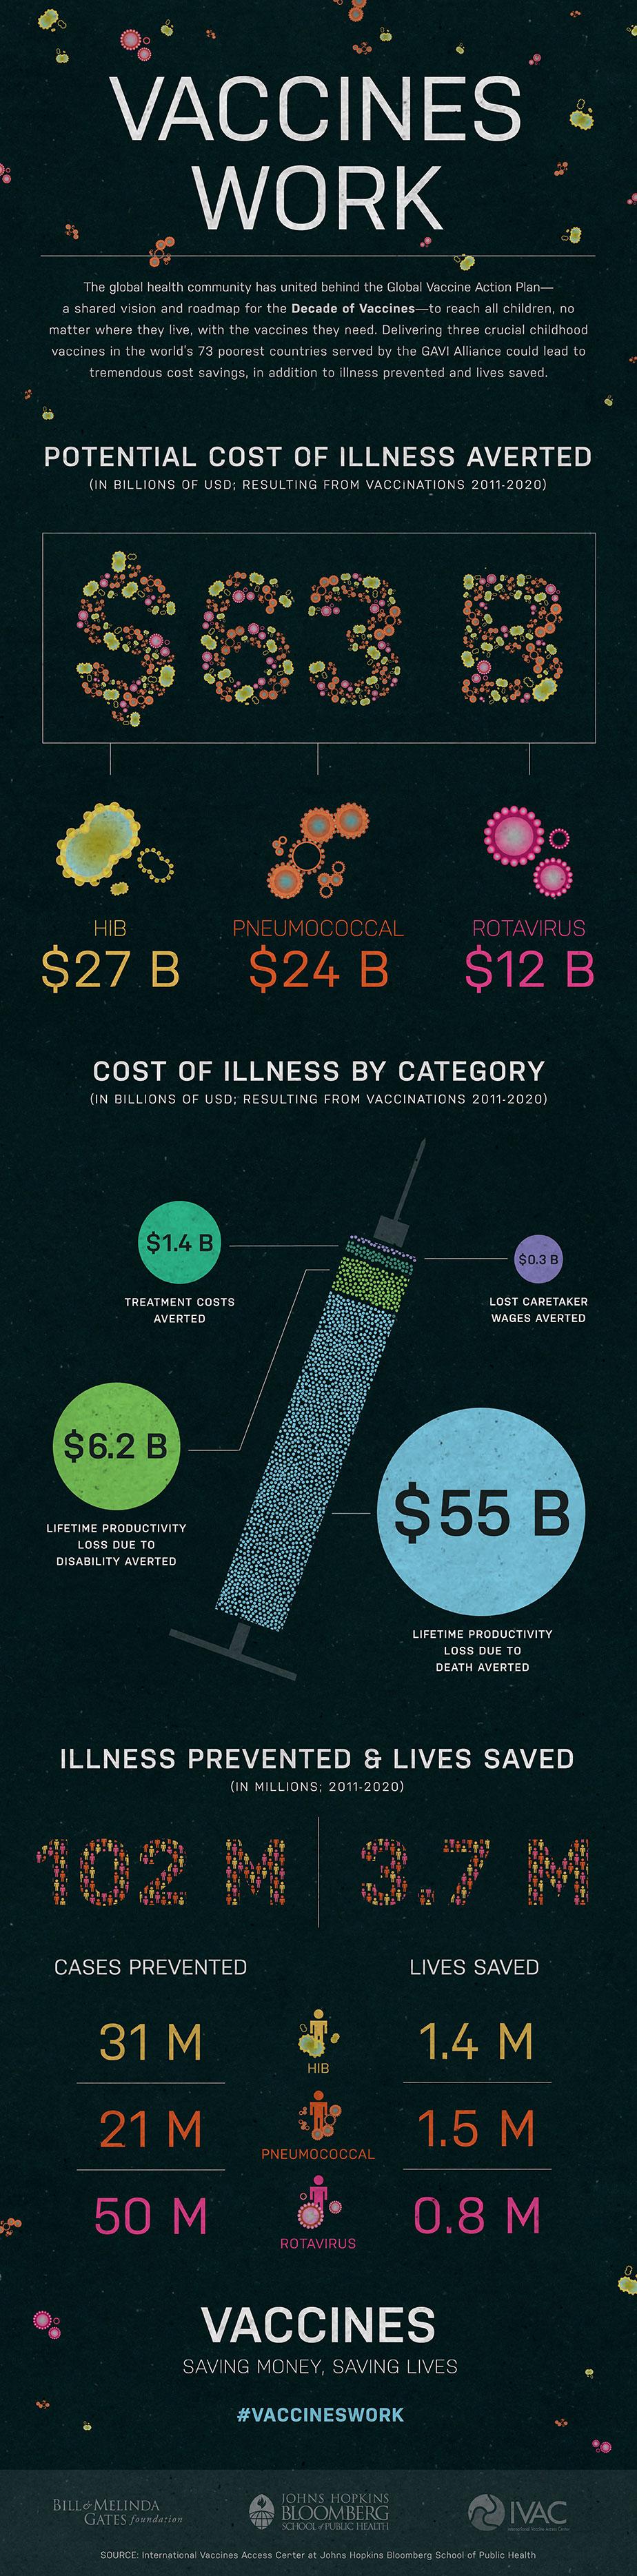 Vaccines_Cost-effectiveness_Infographic.jpg